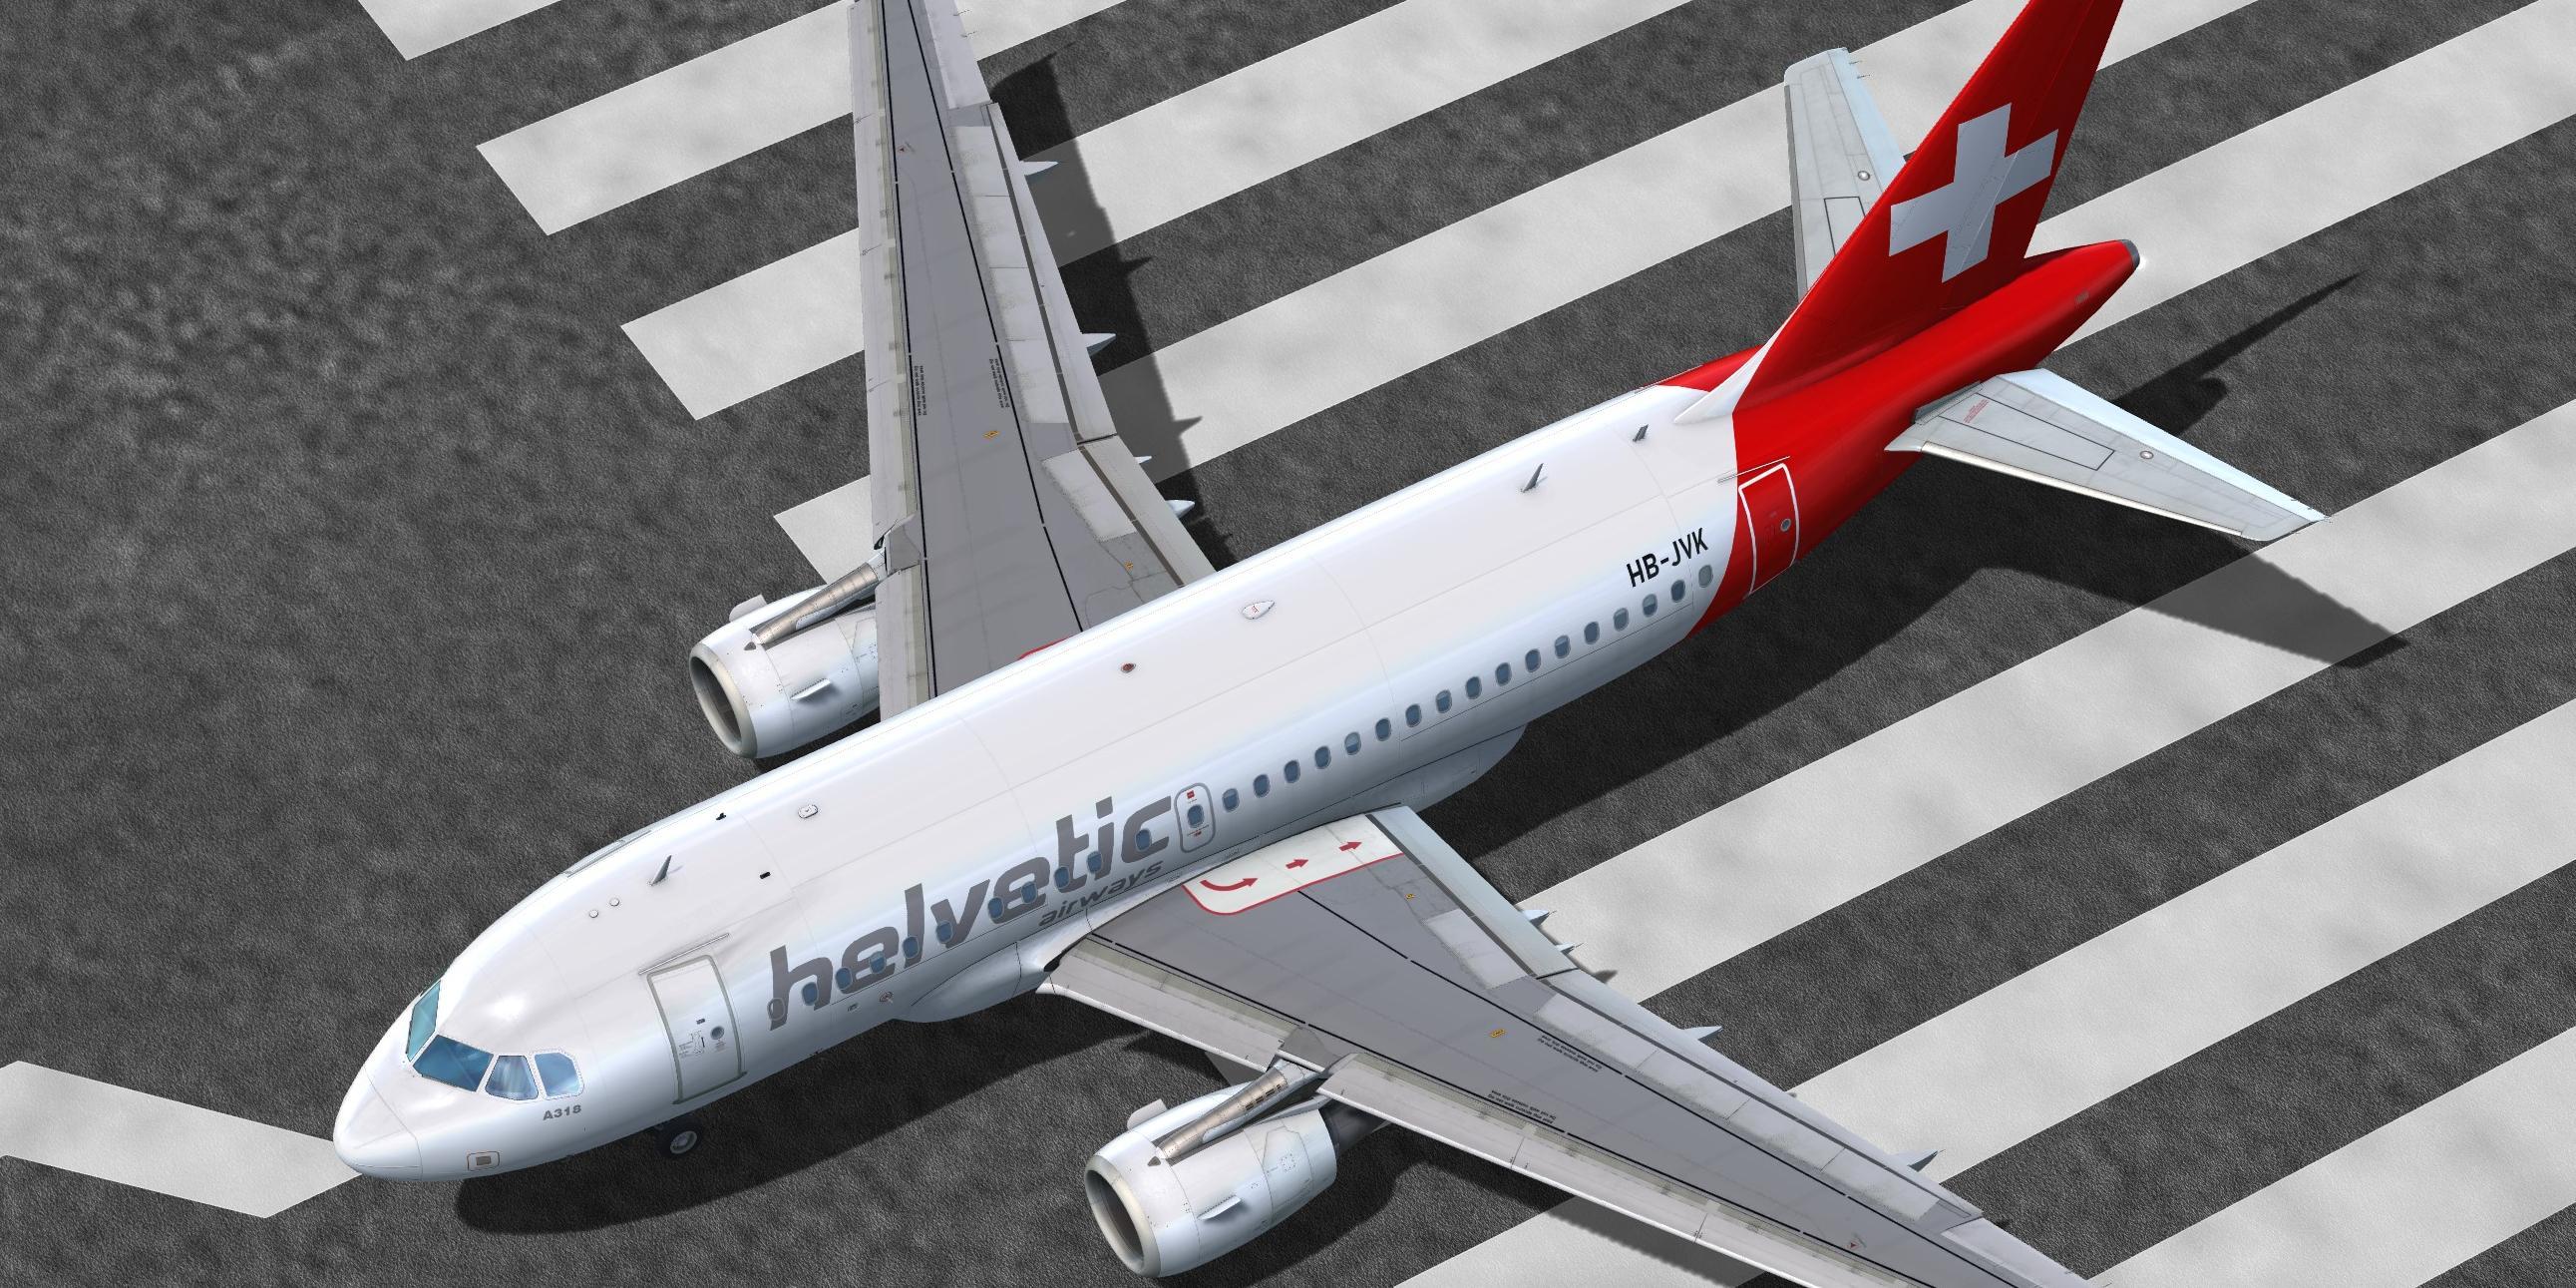 Helvetic Airways (fictional) Airbus A318-111 CFM